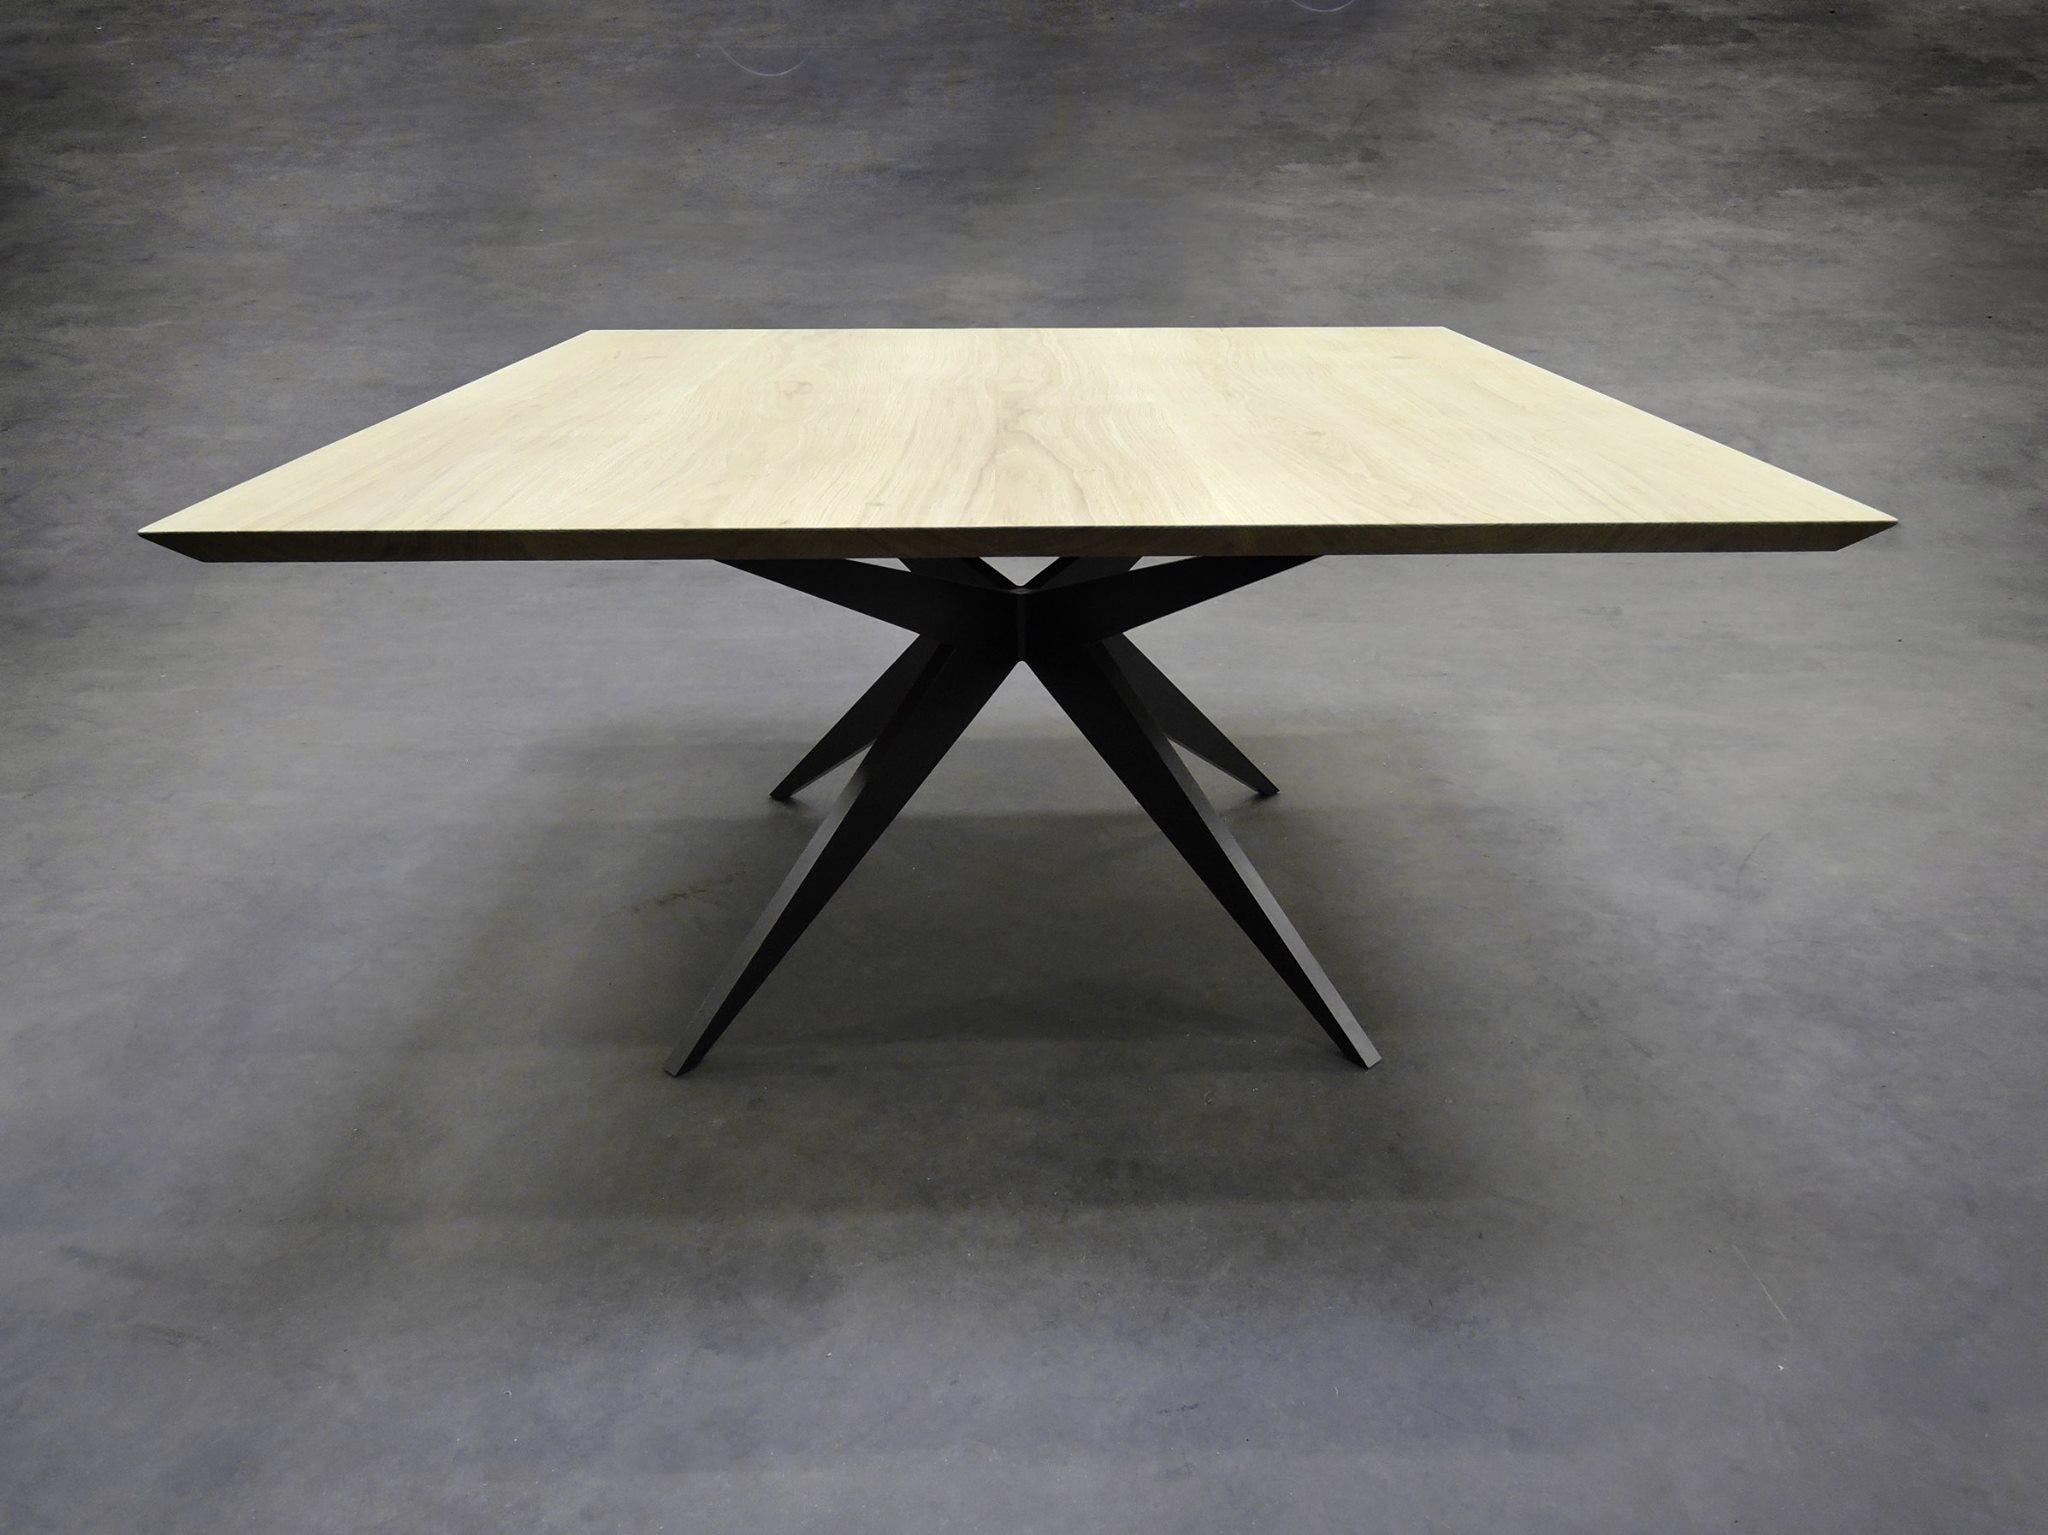 Table Papillon Carree Metal Et Bois Massif Design Epure